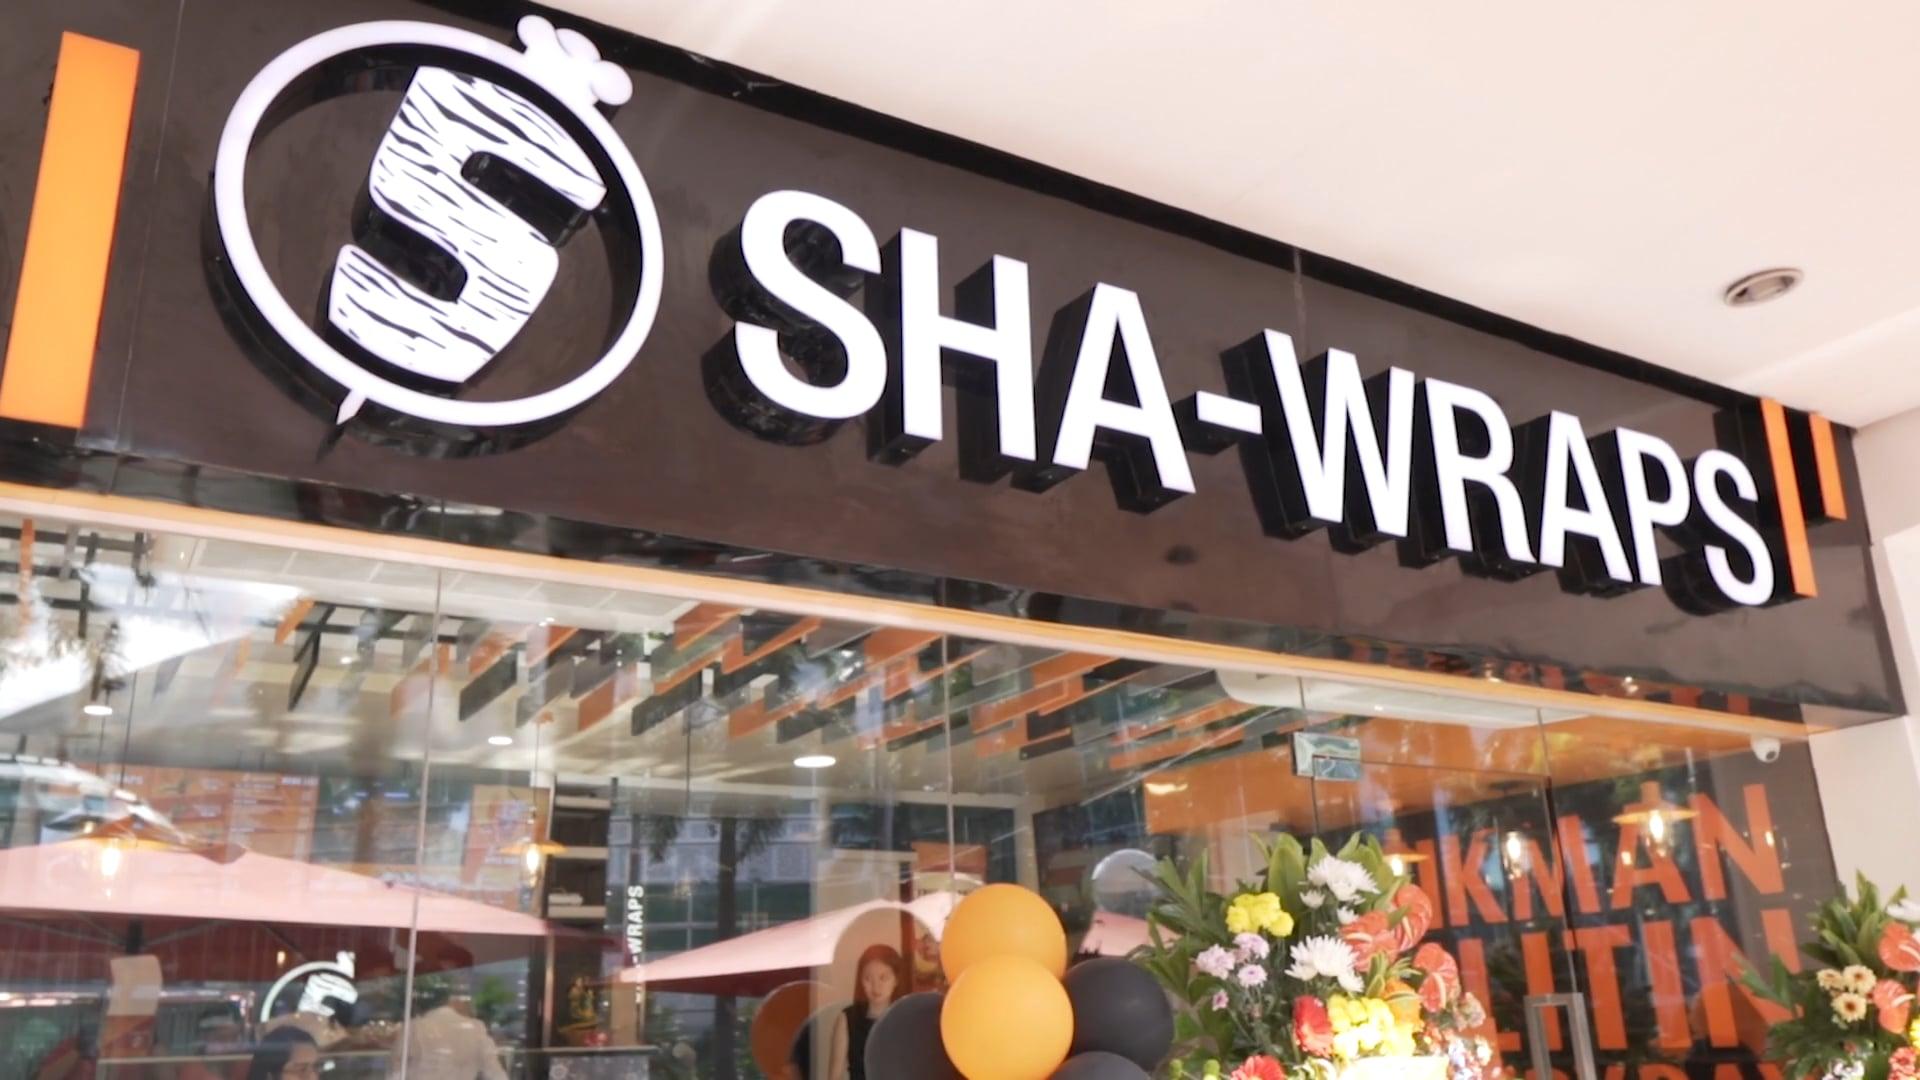 Sha-wraps Opening 2020